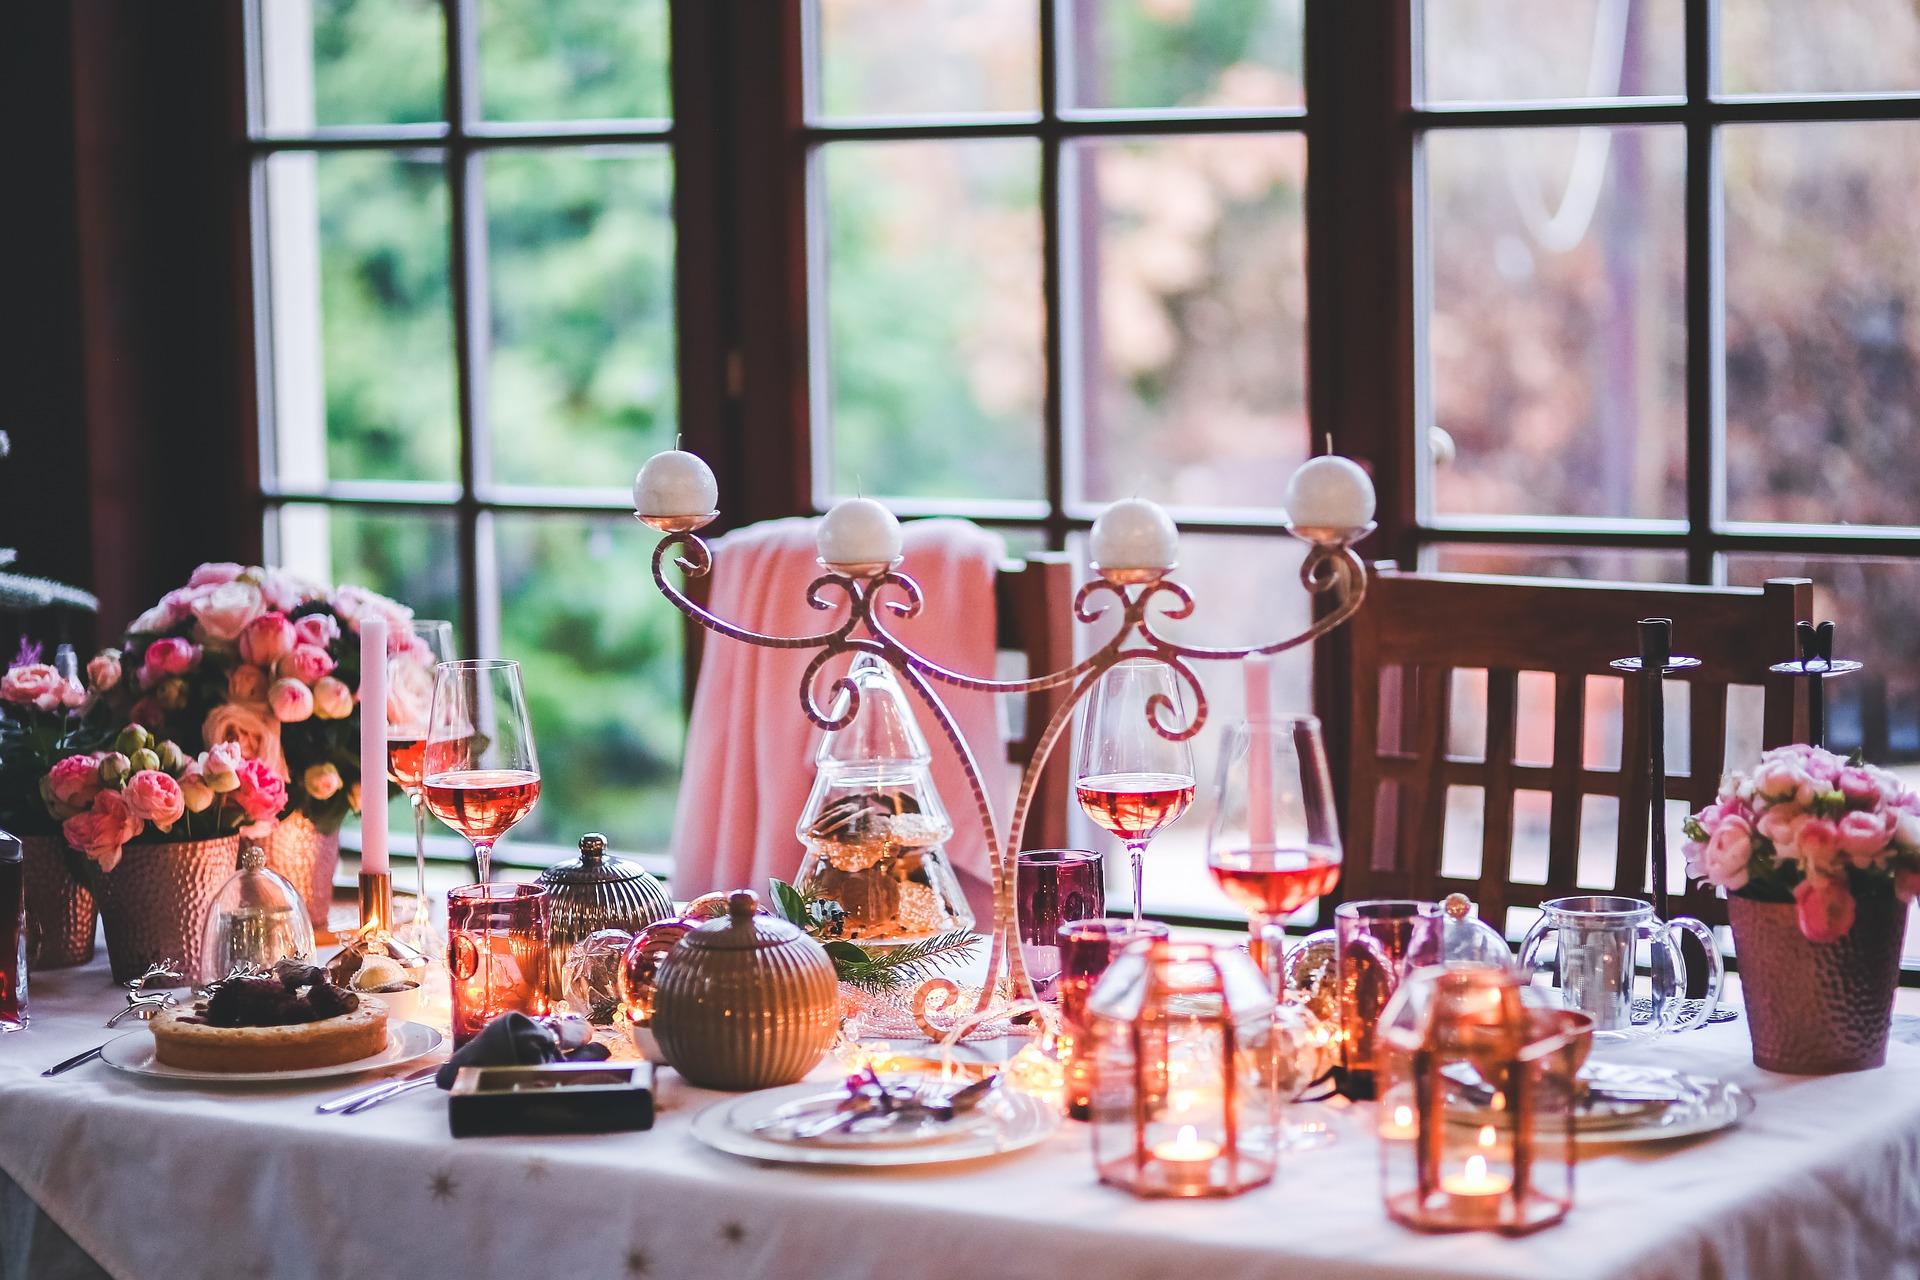 Una cena romantica è un regalo Di San Valentino perfetto per lui o per lei